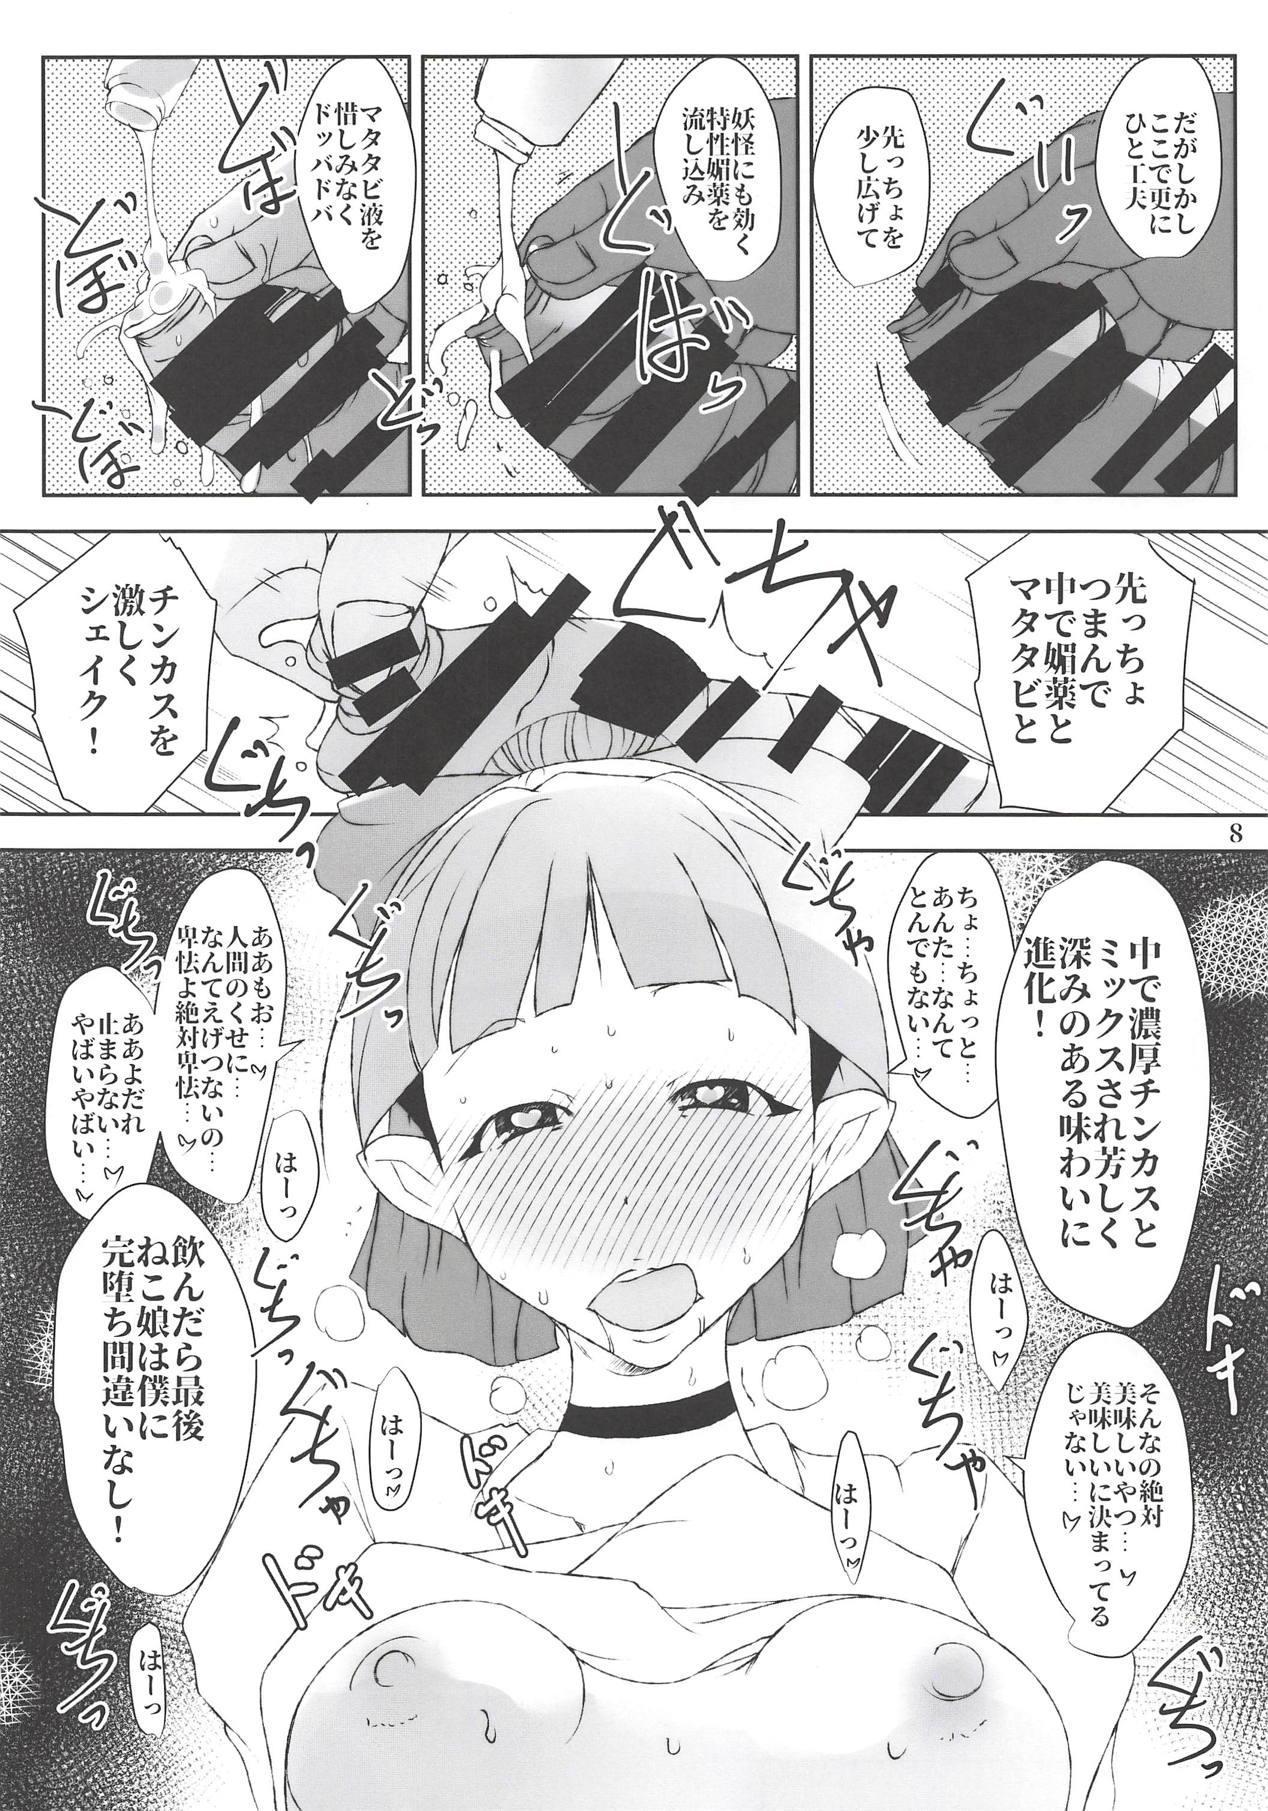 Neko Musume wa Boku no Iinari Saiin Kimeseku Juujun Pet 7